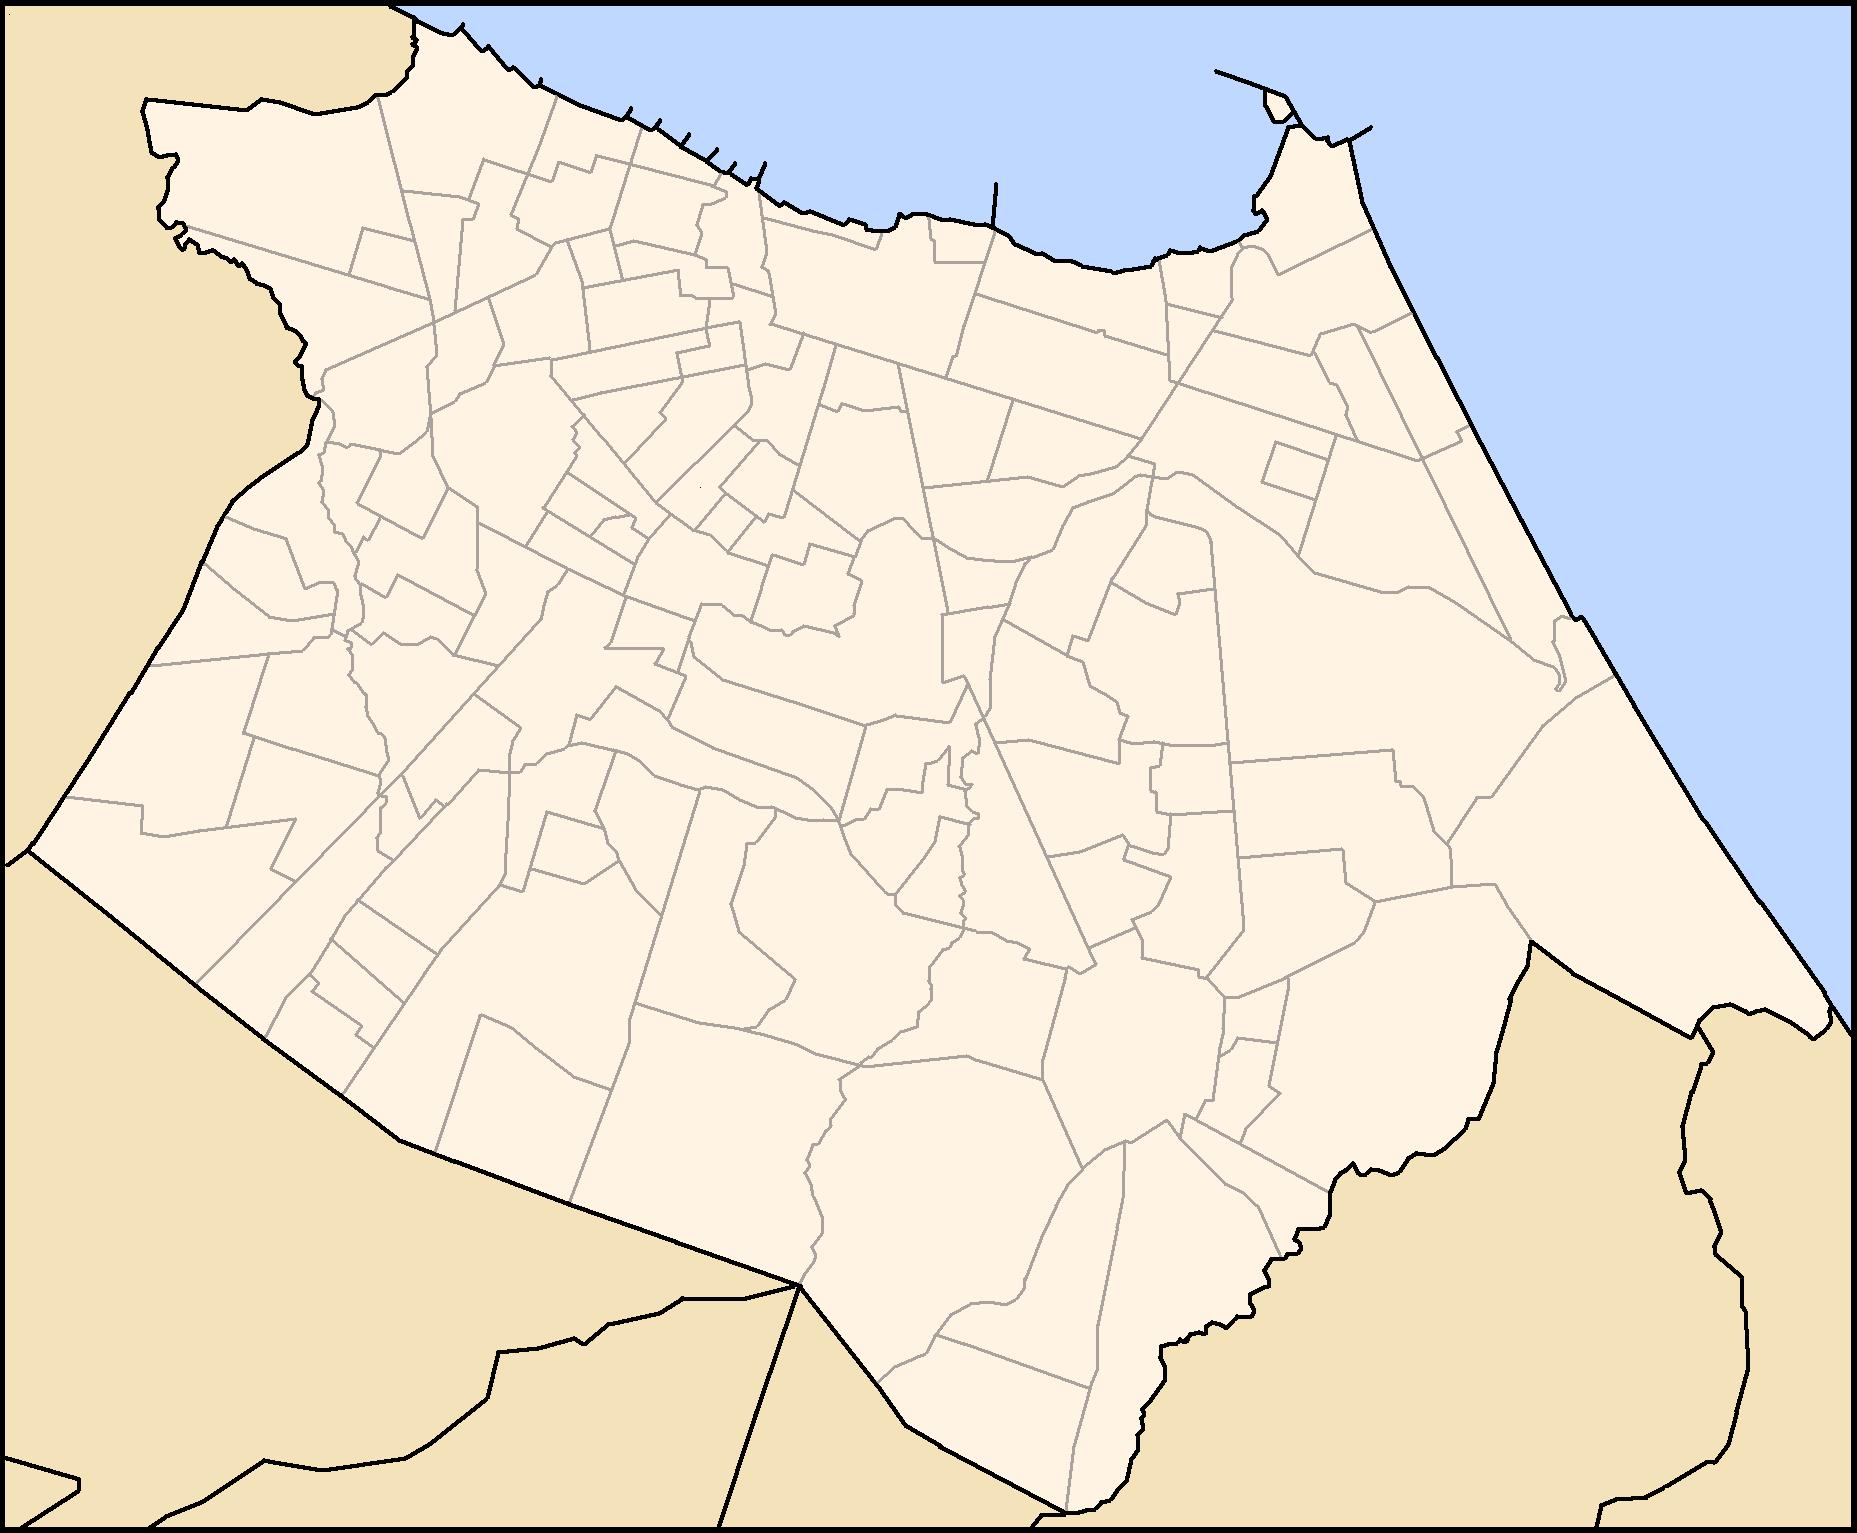 FileBase Cartografica De FortalezaPNG